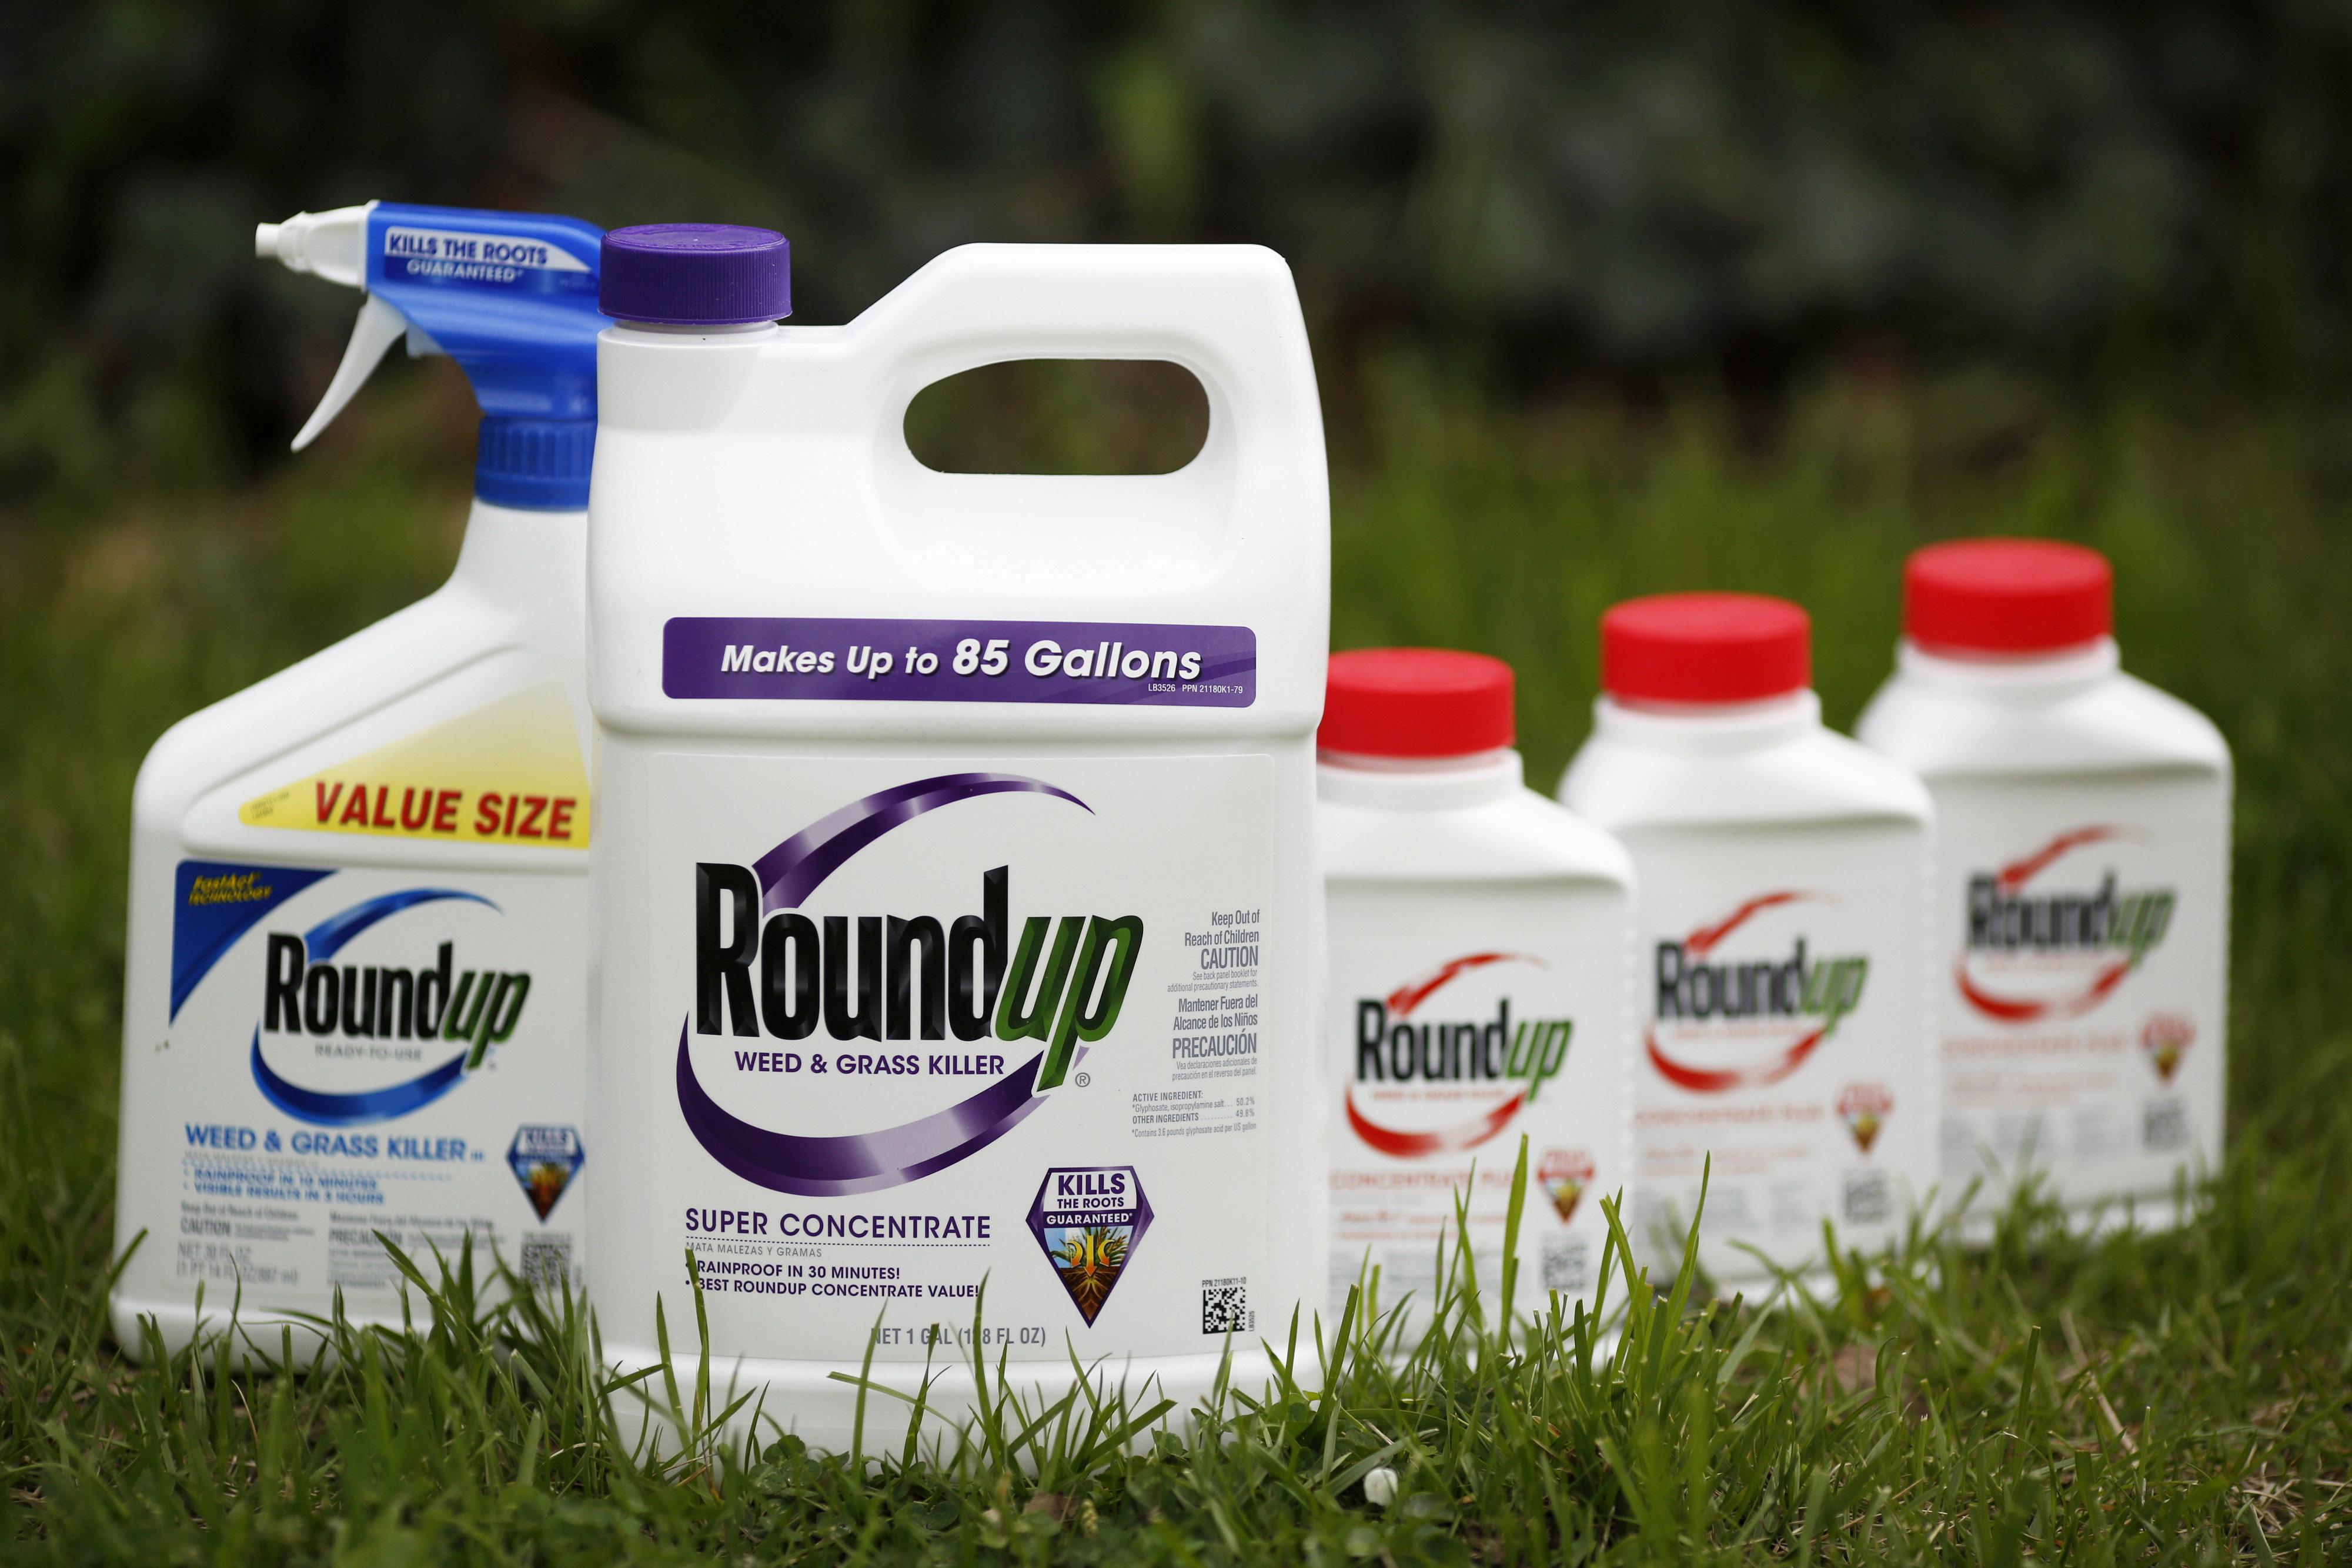 El herbicida Roundup de Monsanto, elaborado a base de glifosato (Foto: Bloomberg / Luke Sharrett)